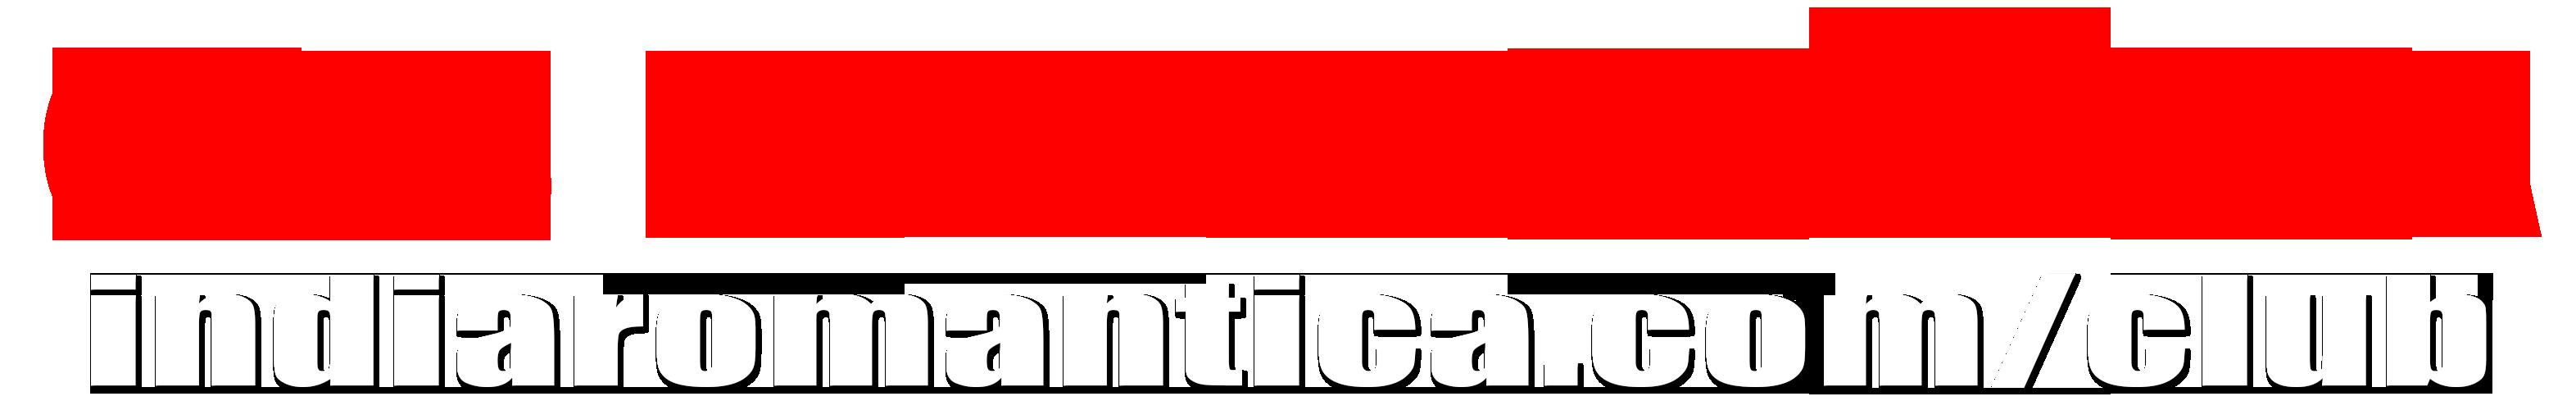 Club India Romántica